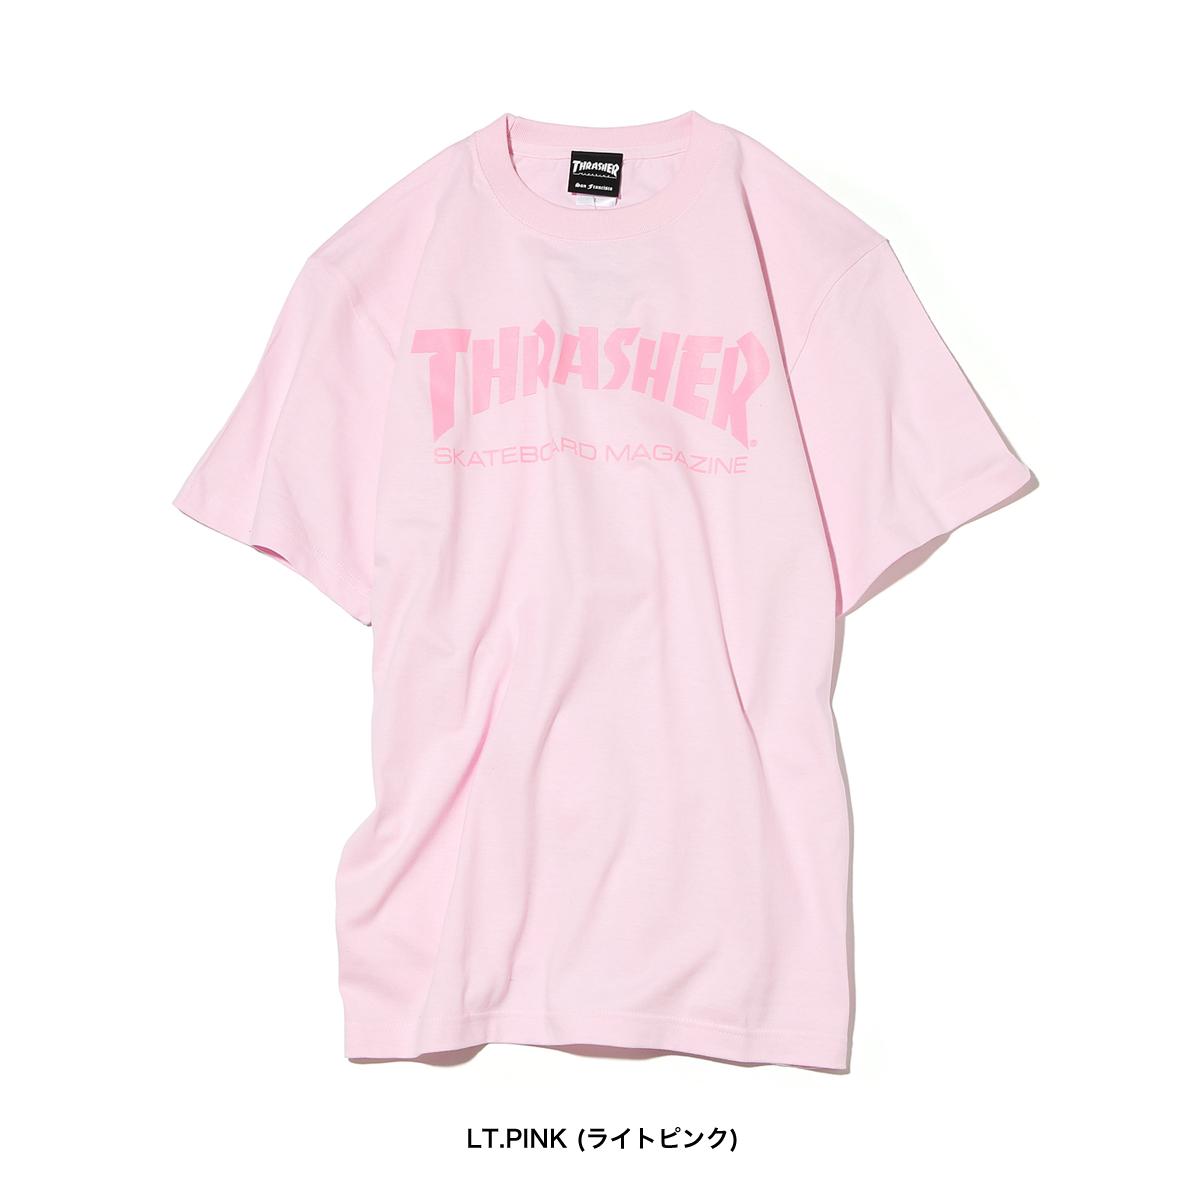 思拉舍 MAG 标志 t 恤 (荧光) (6 种颜色)